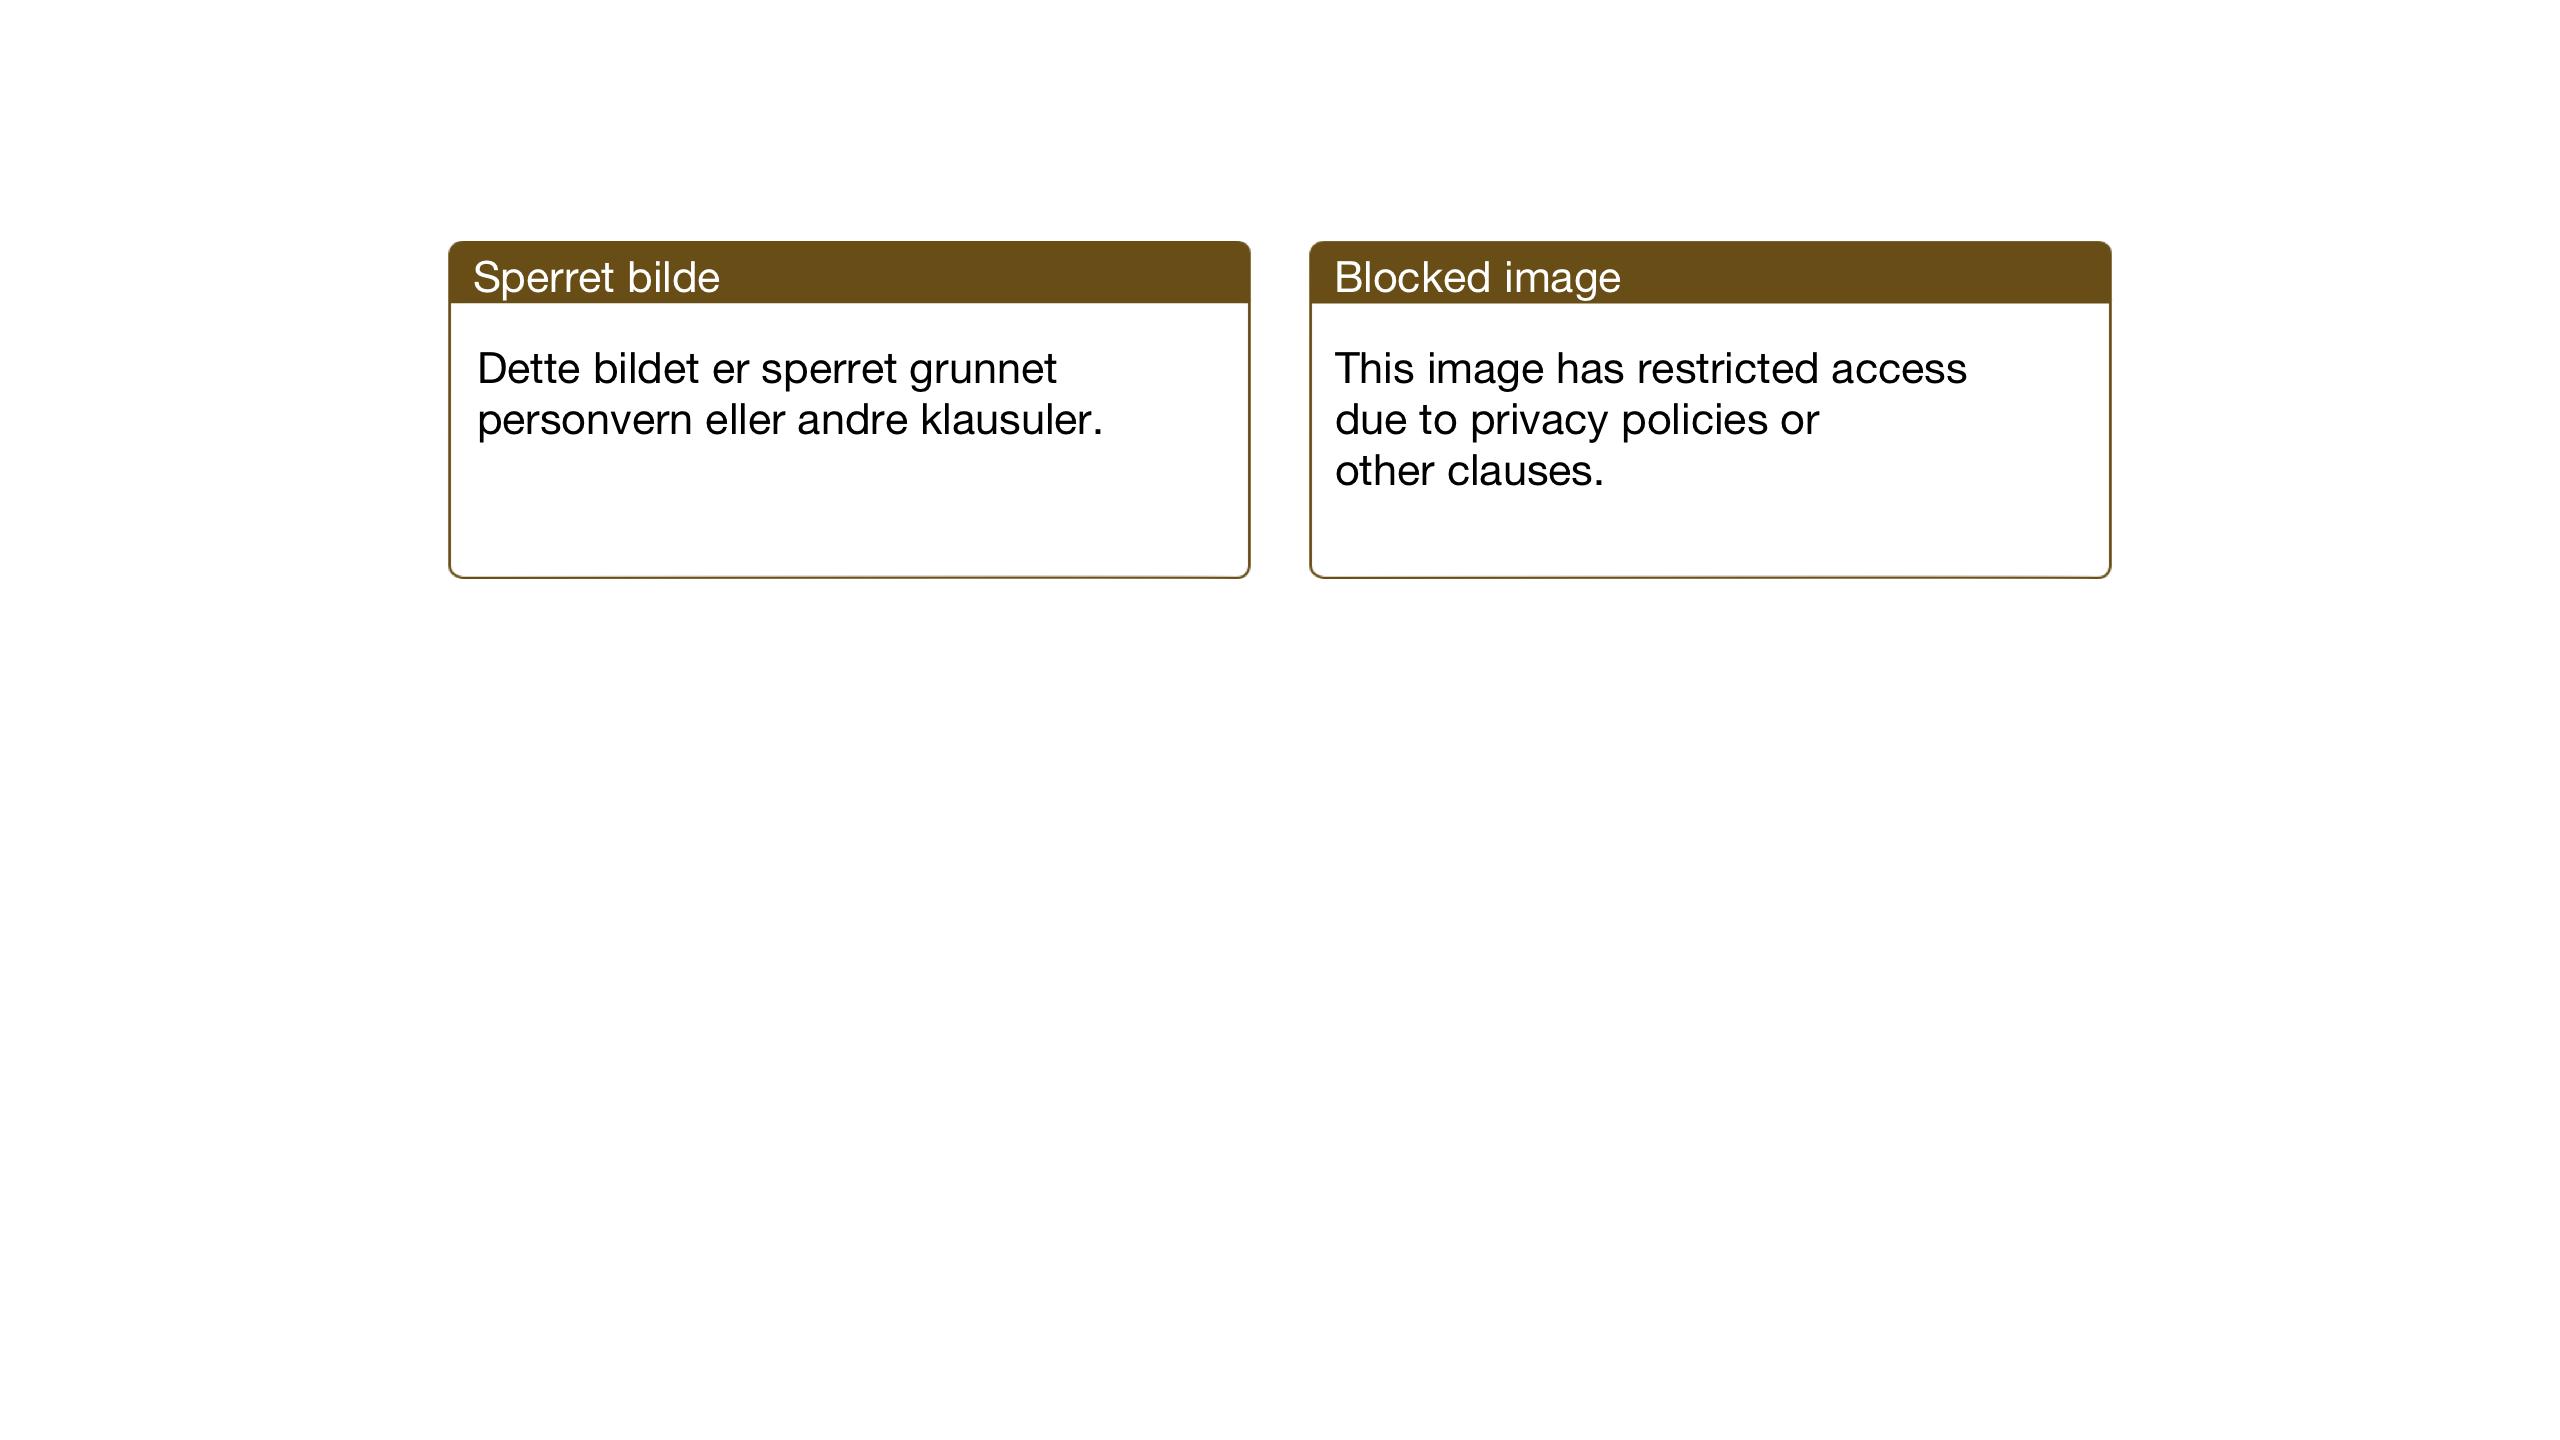 SAT, Ministerialprotokoller, klokkerbøker og fødselsregistre - Nord-Trøndelag, 749/L0480: Klokkerbok nr. 749C02, 1924-1932, s. 57